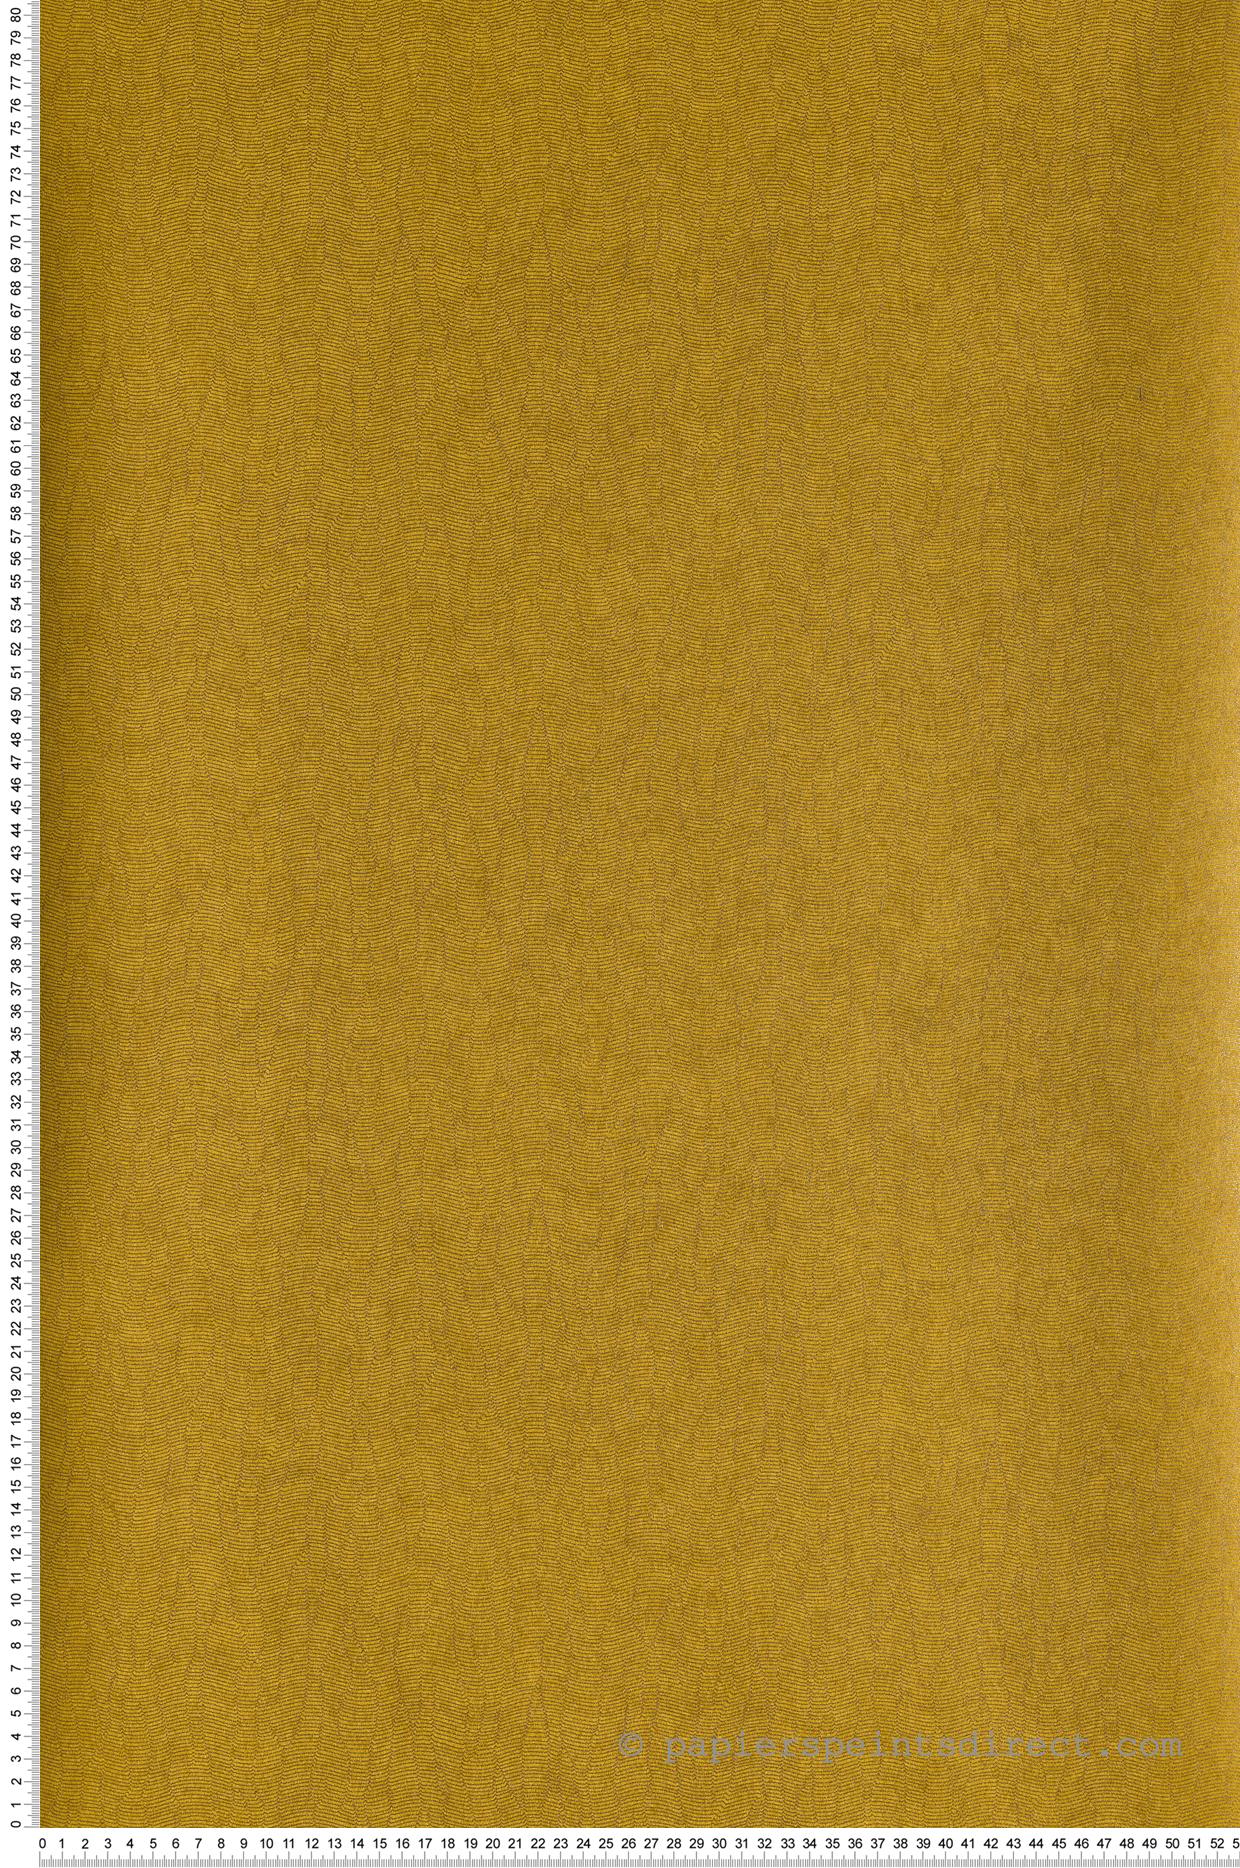 Papier Peint Faux Uni Gallant Jaune Curry Blossom De Casamance